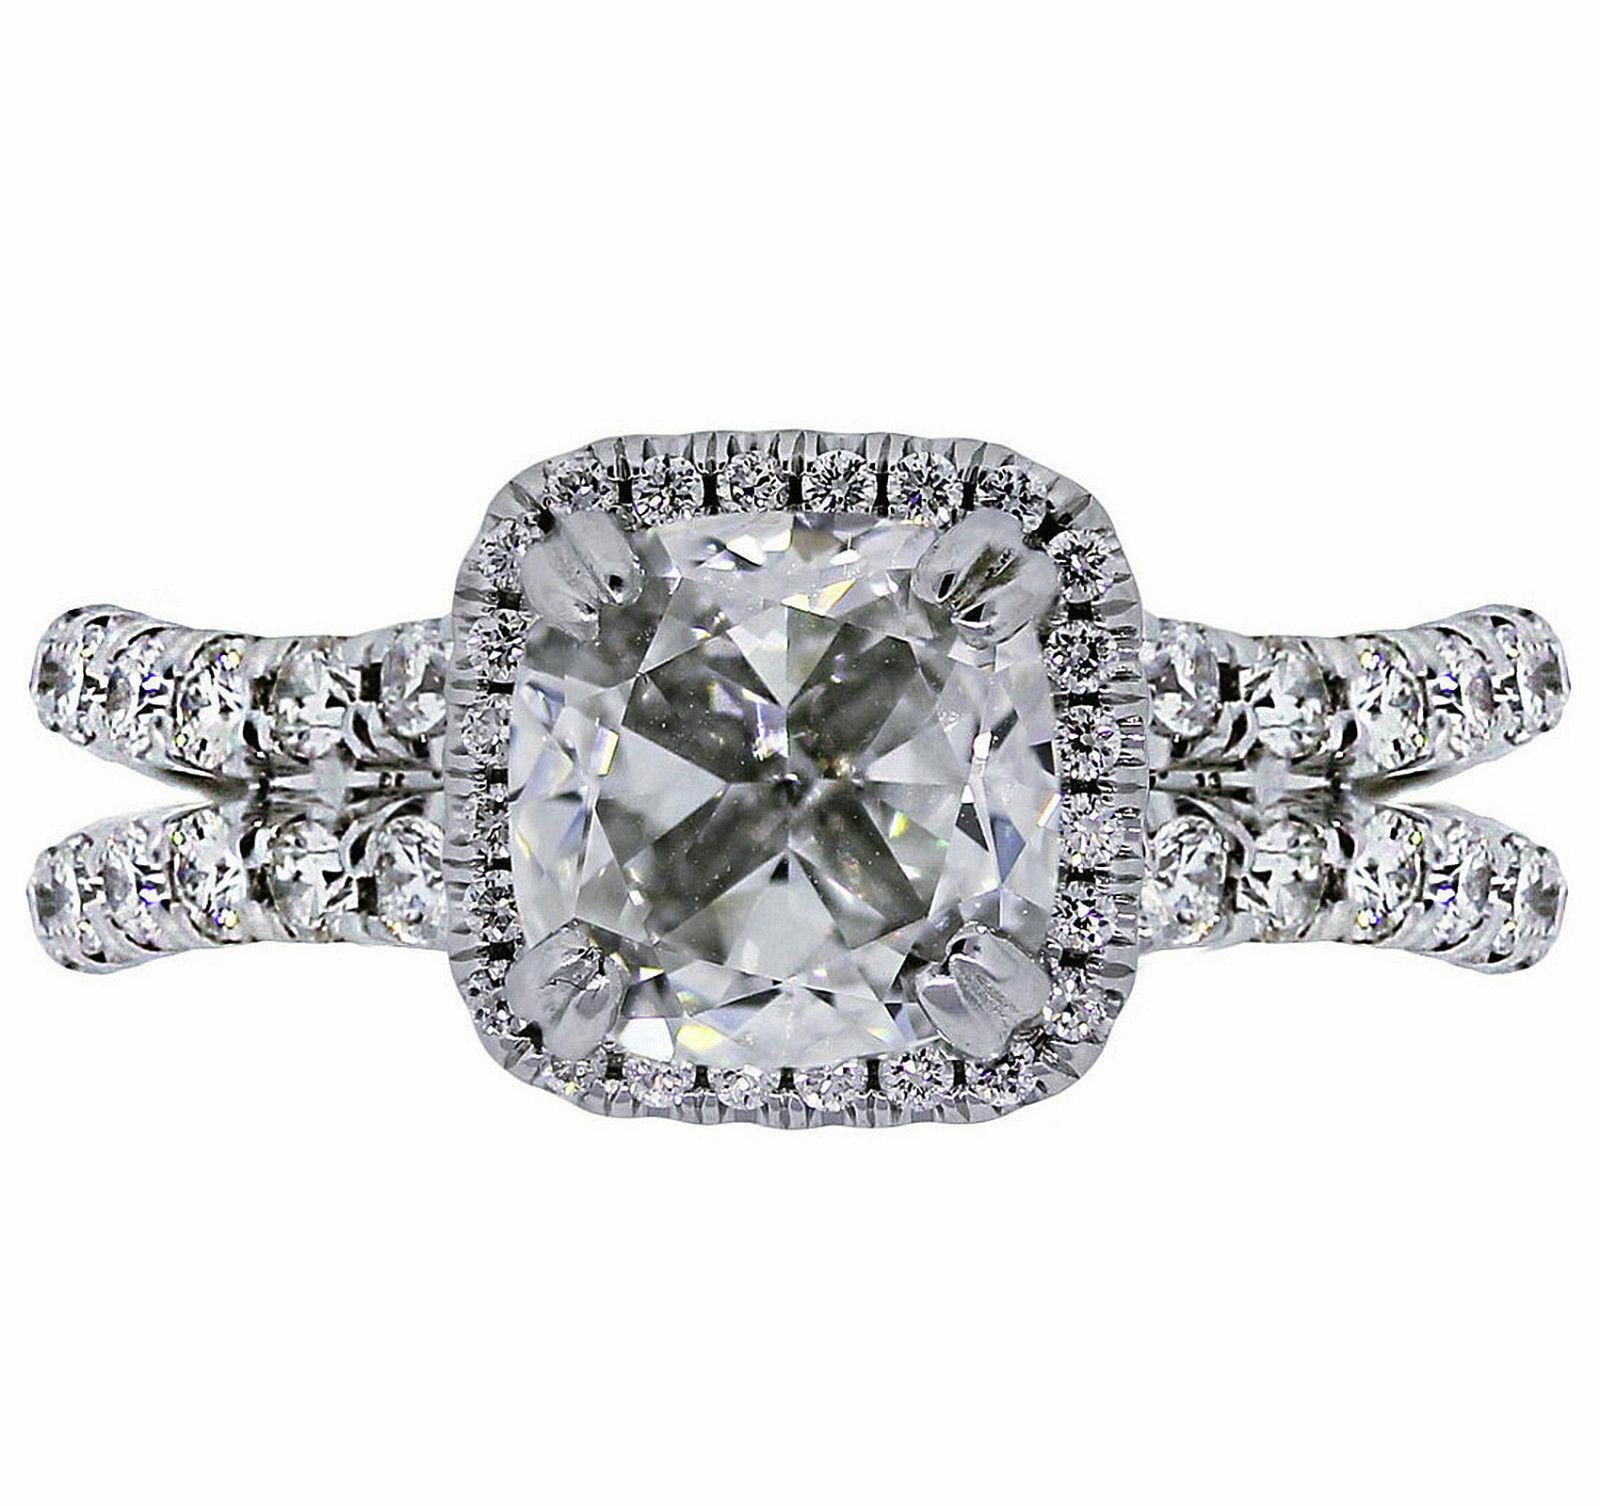 GIA Certified Diamond Engagement Ring Cushion Cut 14k White Gold 2.18 carat 1